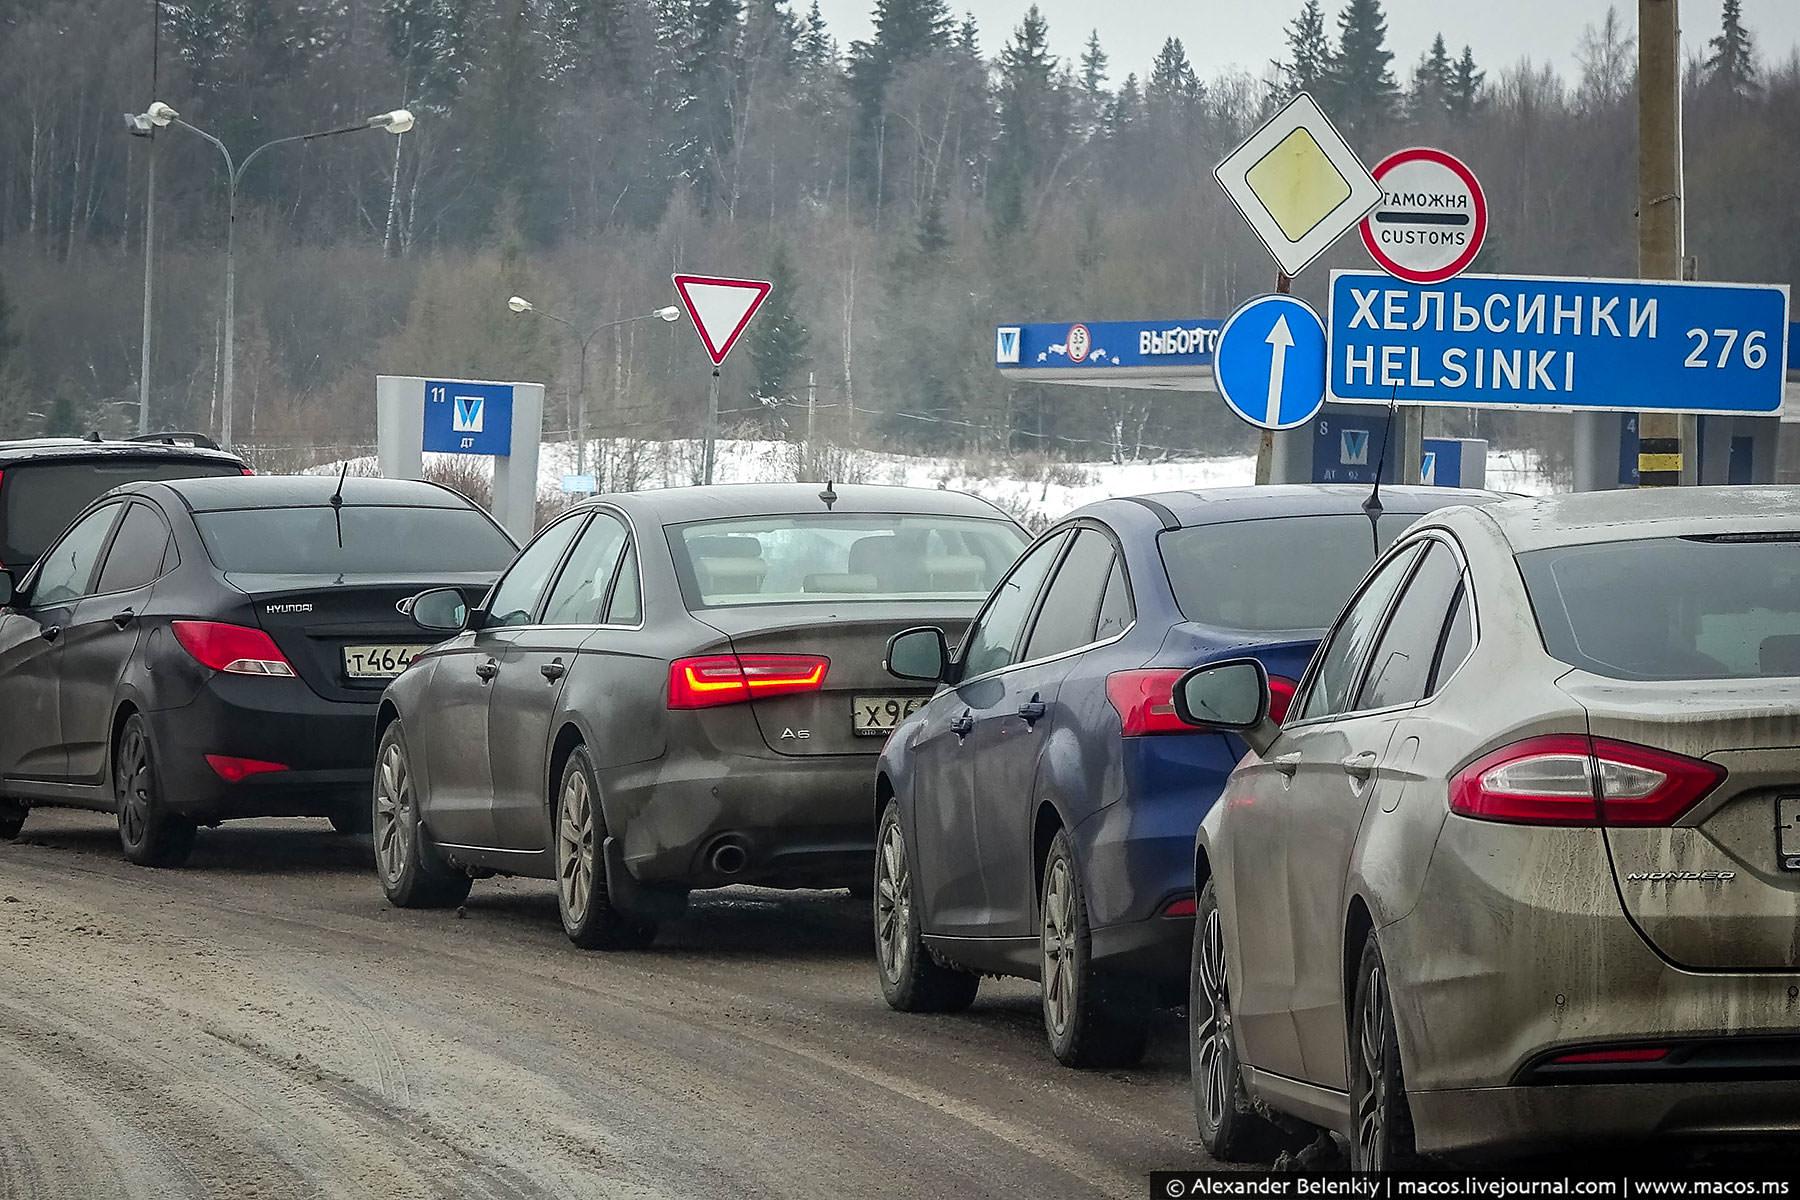 Всем санкциям назло: что покупают русские в финских супермаркетах (40 фото)